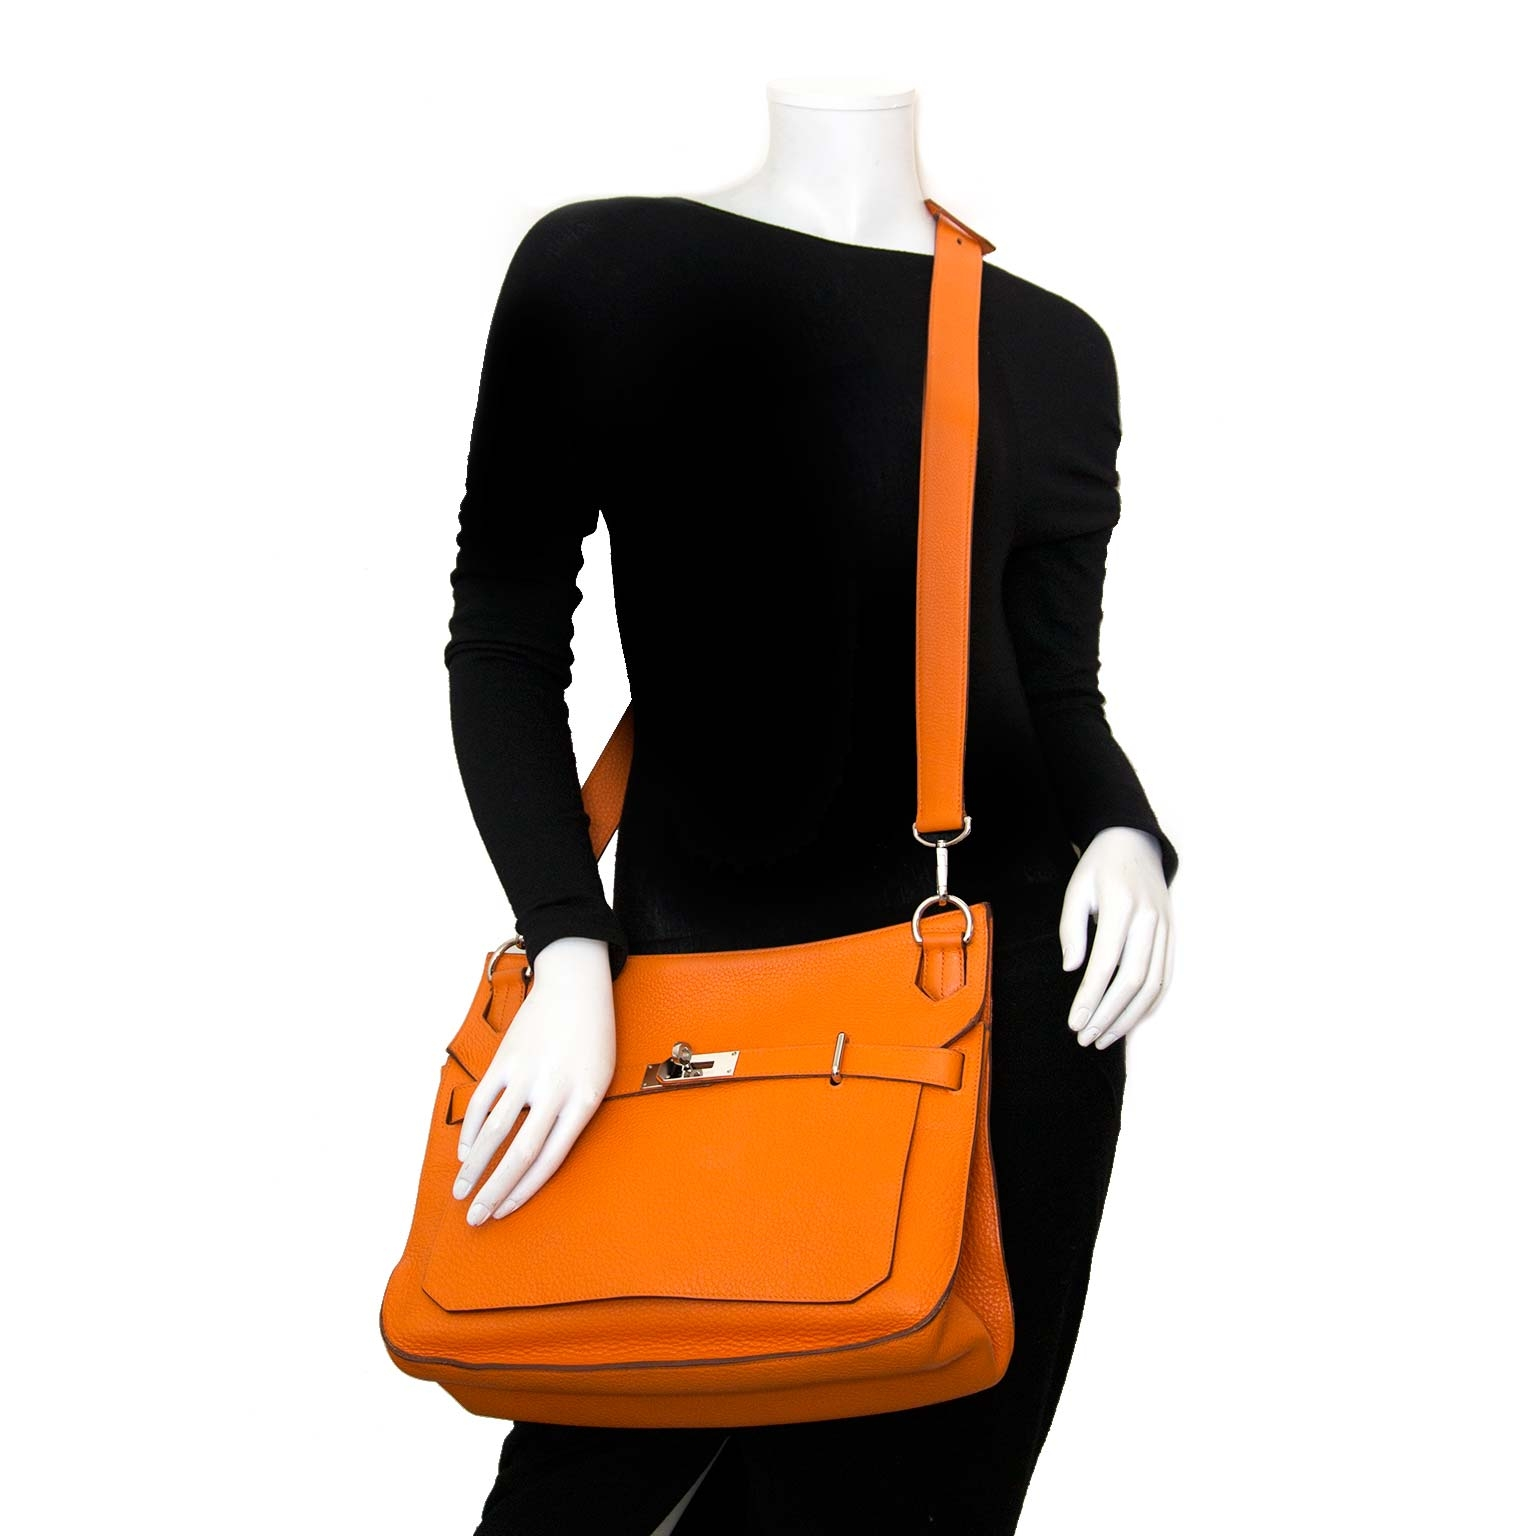 acheter en ligne chez labellov.com pour le meilleur prix Hermès Jypsiere Orange PHW